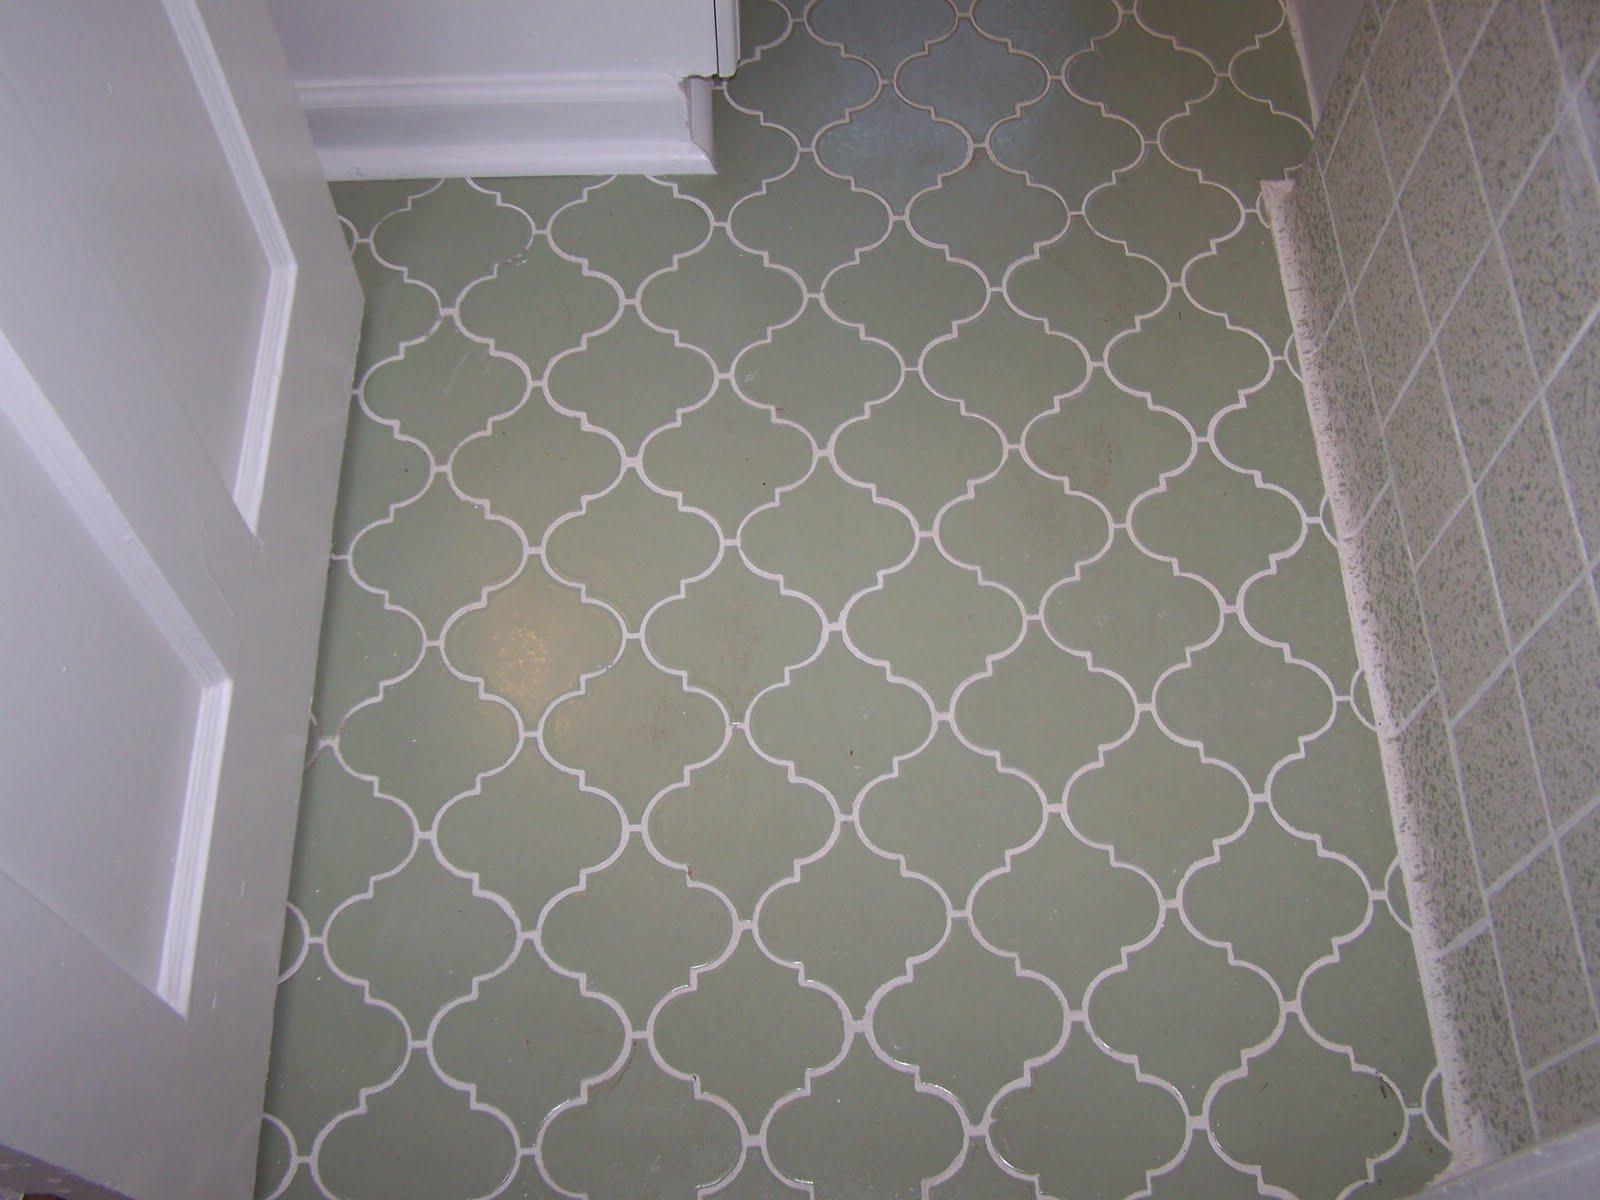 Bathroom Floor Tiles Where To Start : The starter house